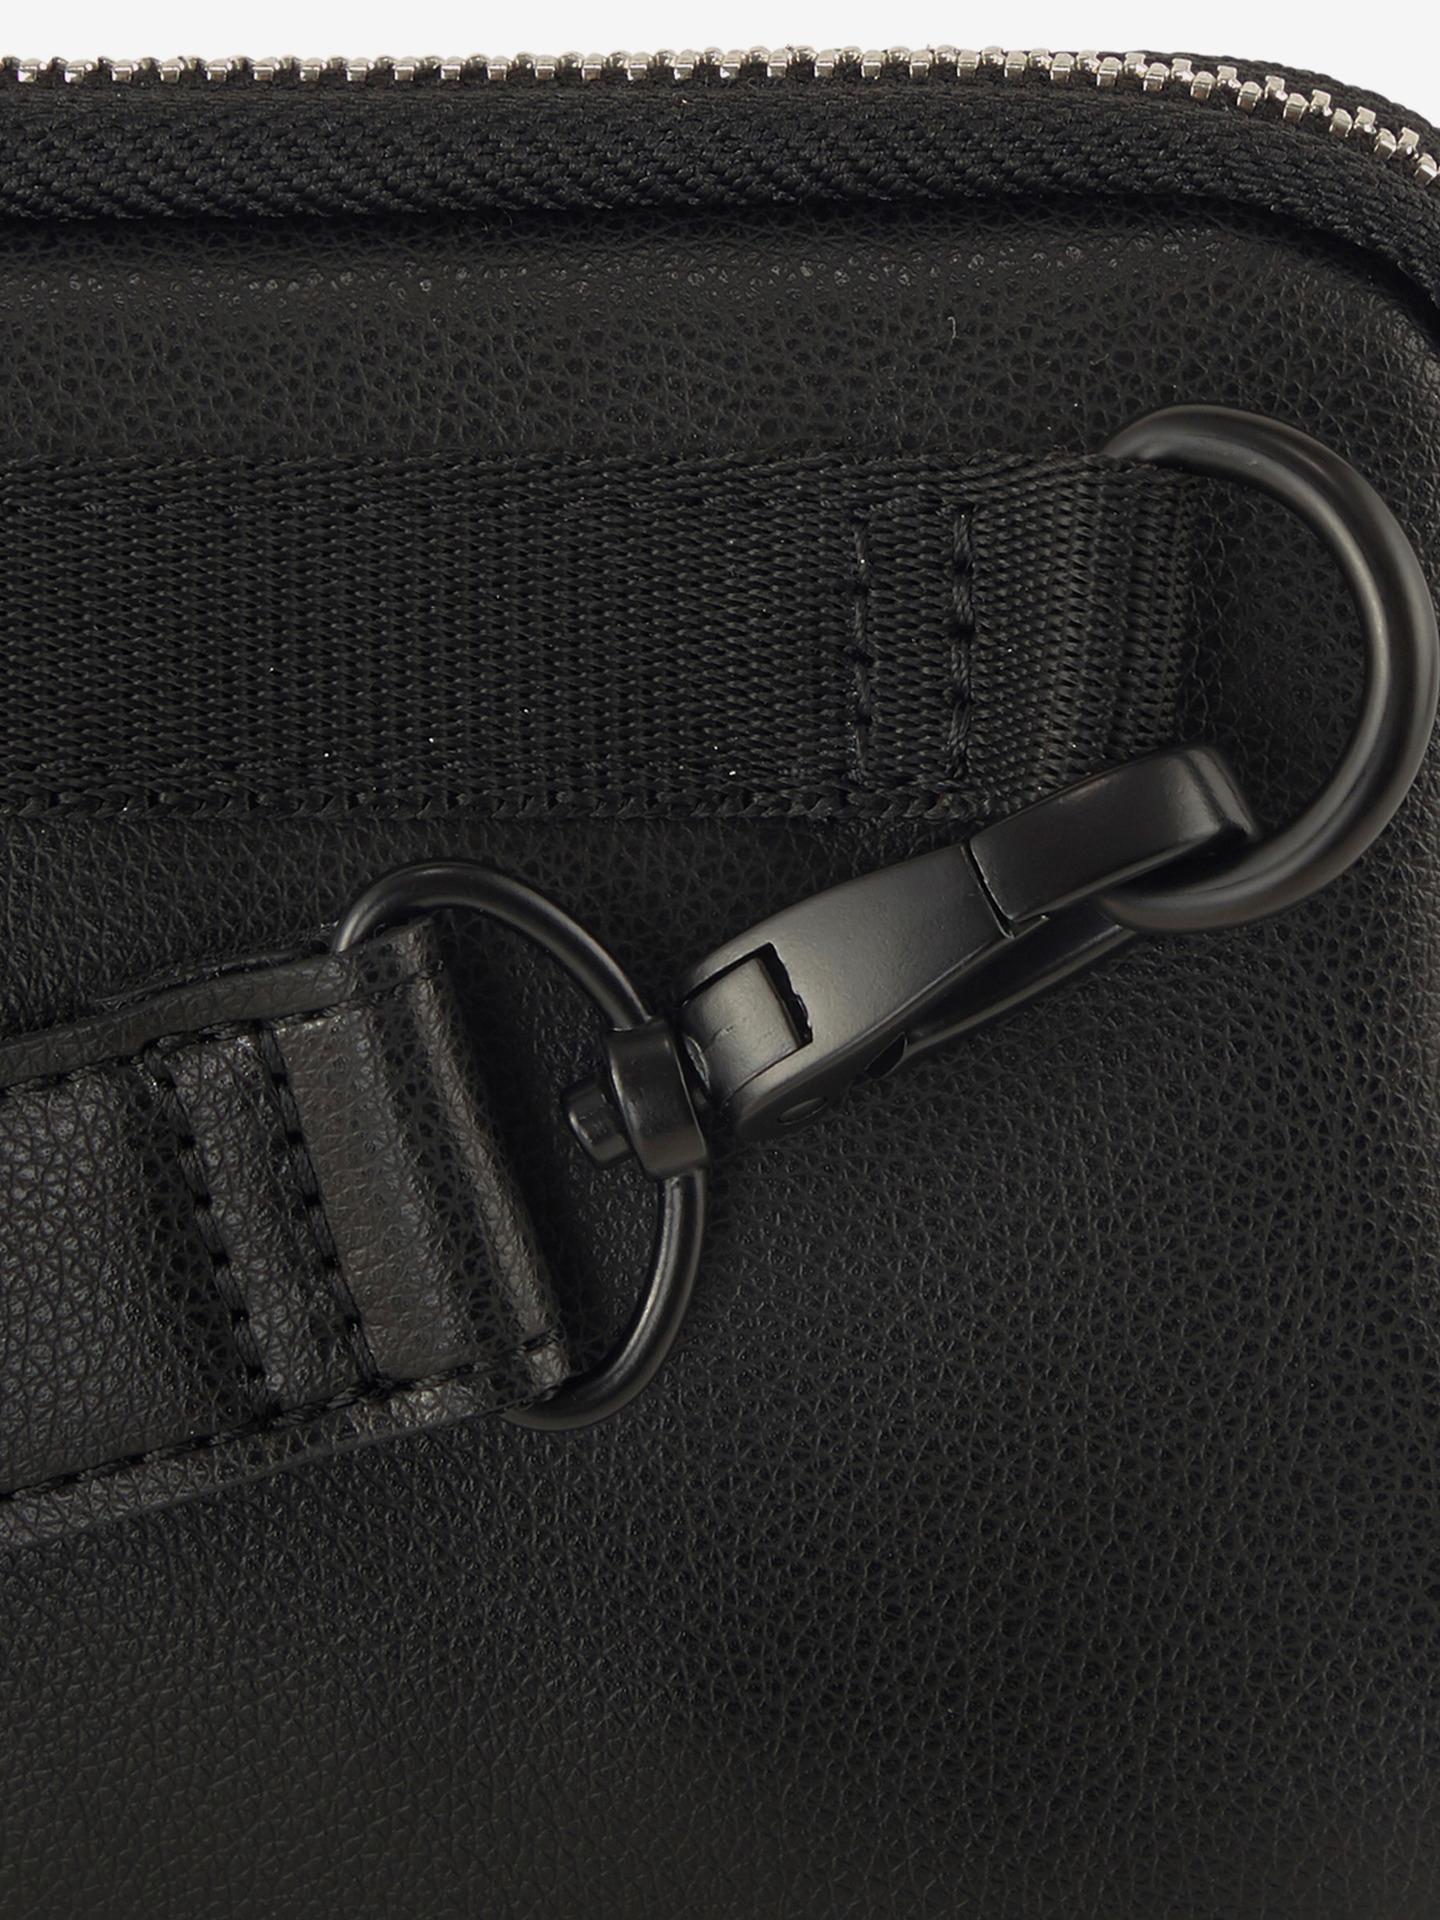 Puma czarny torebka biodrowa Premium X-Mas